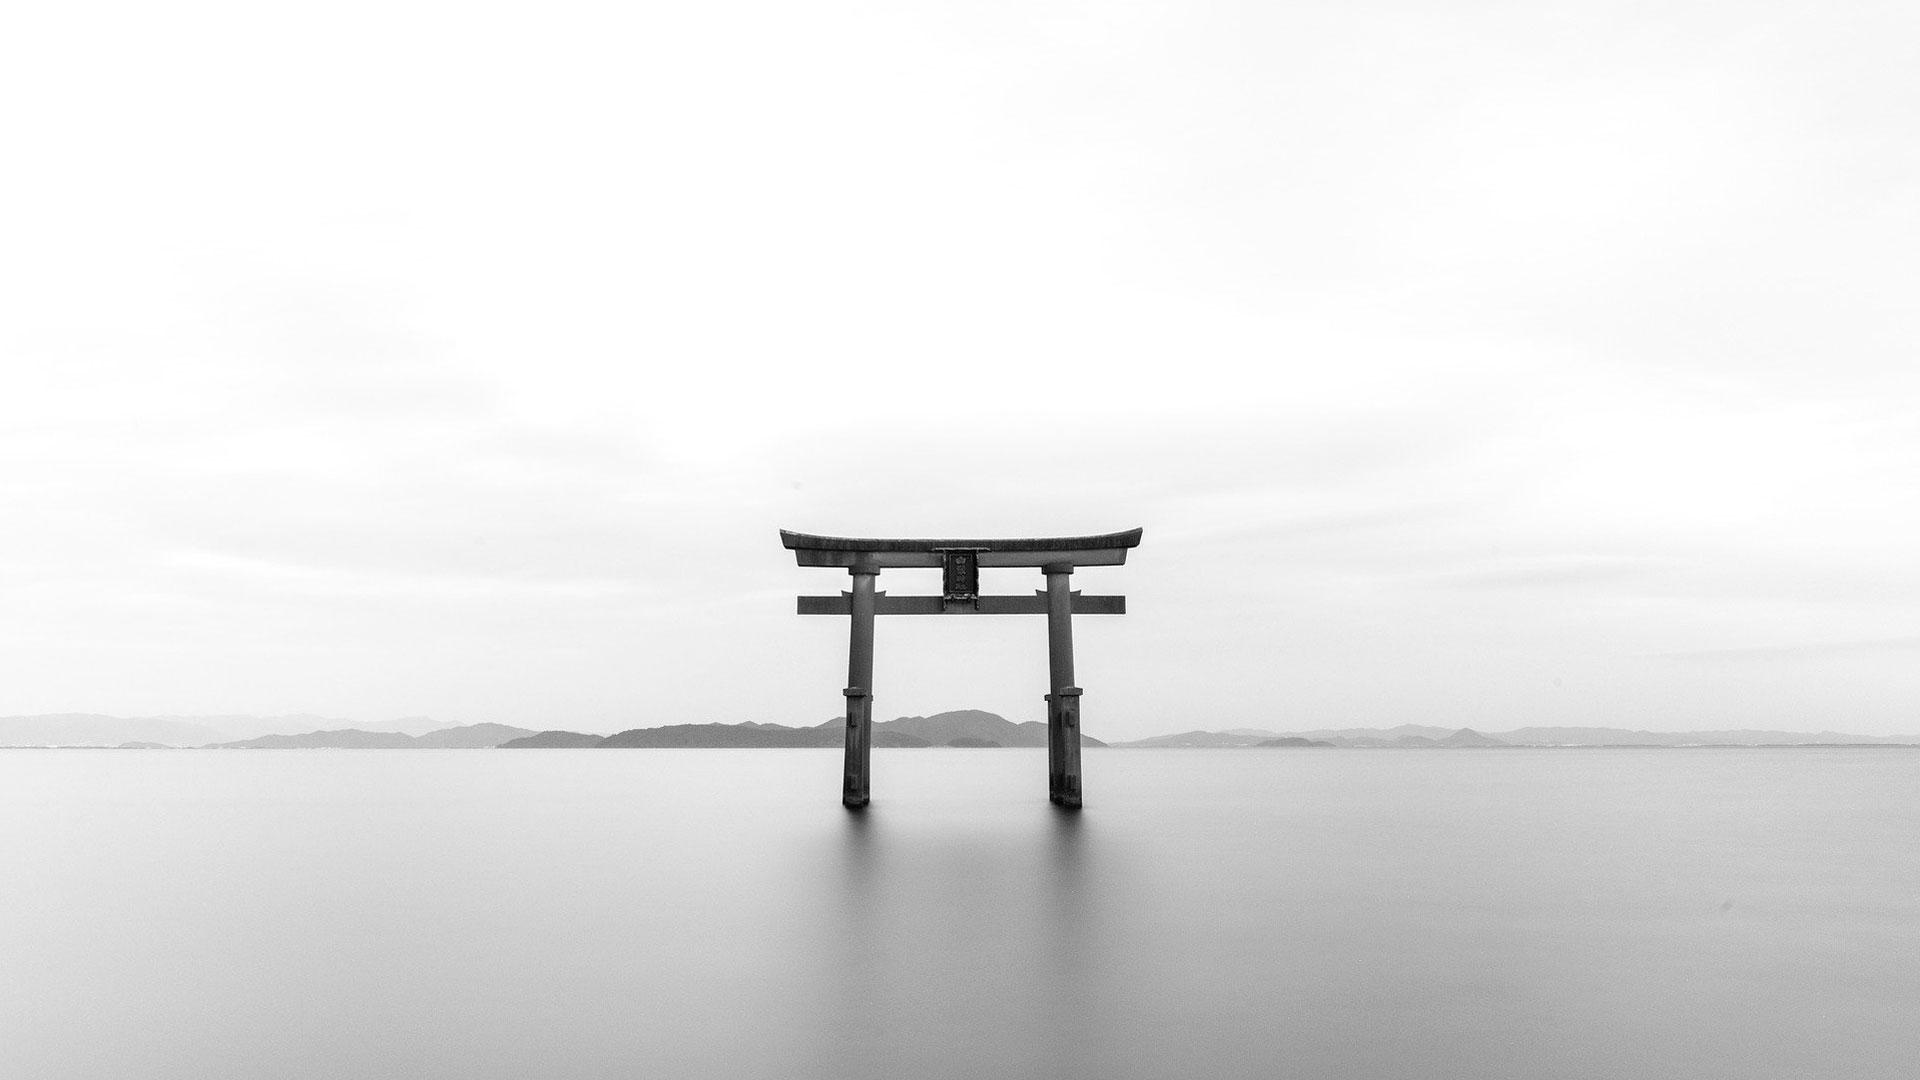 Filosofía Zen hero asset